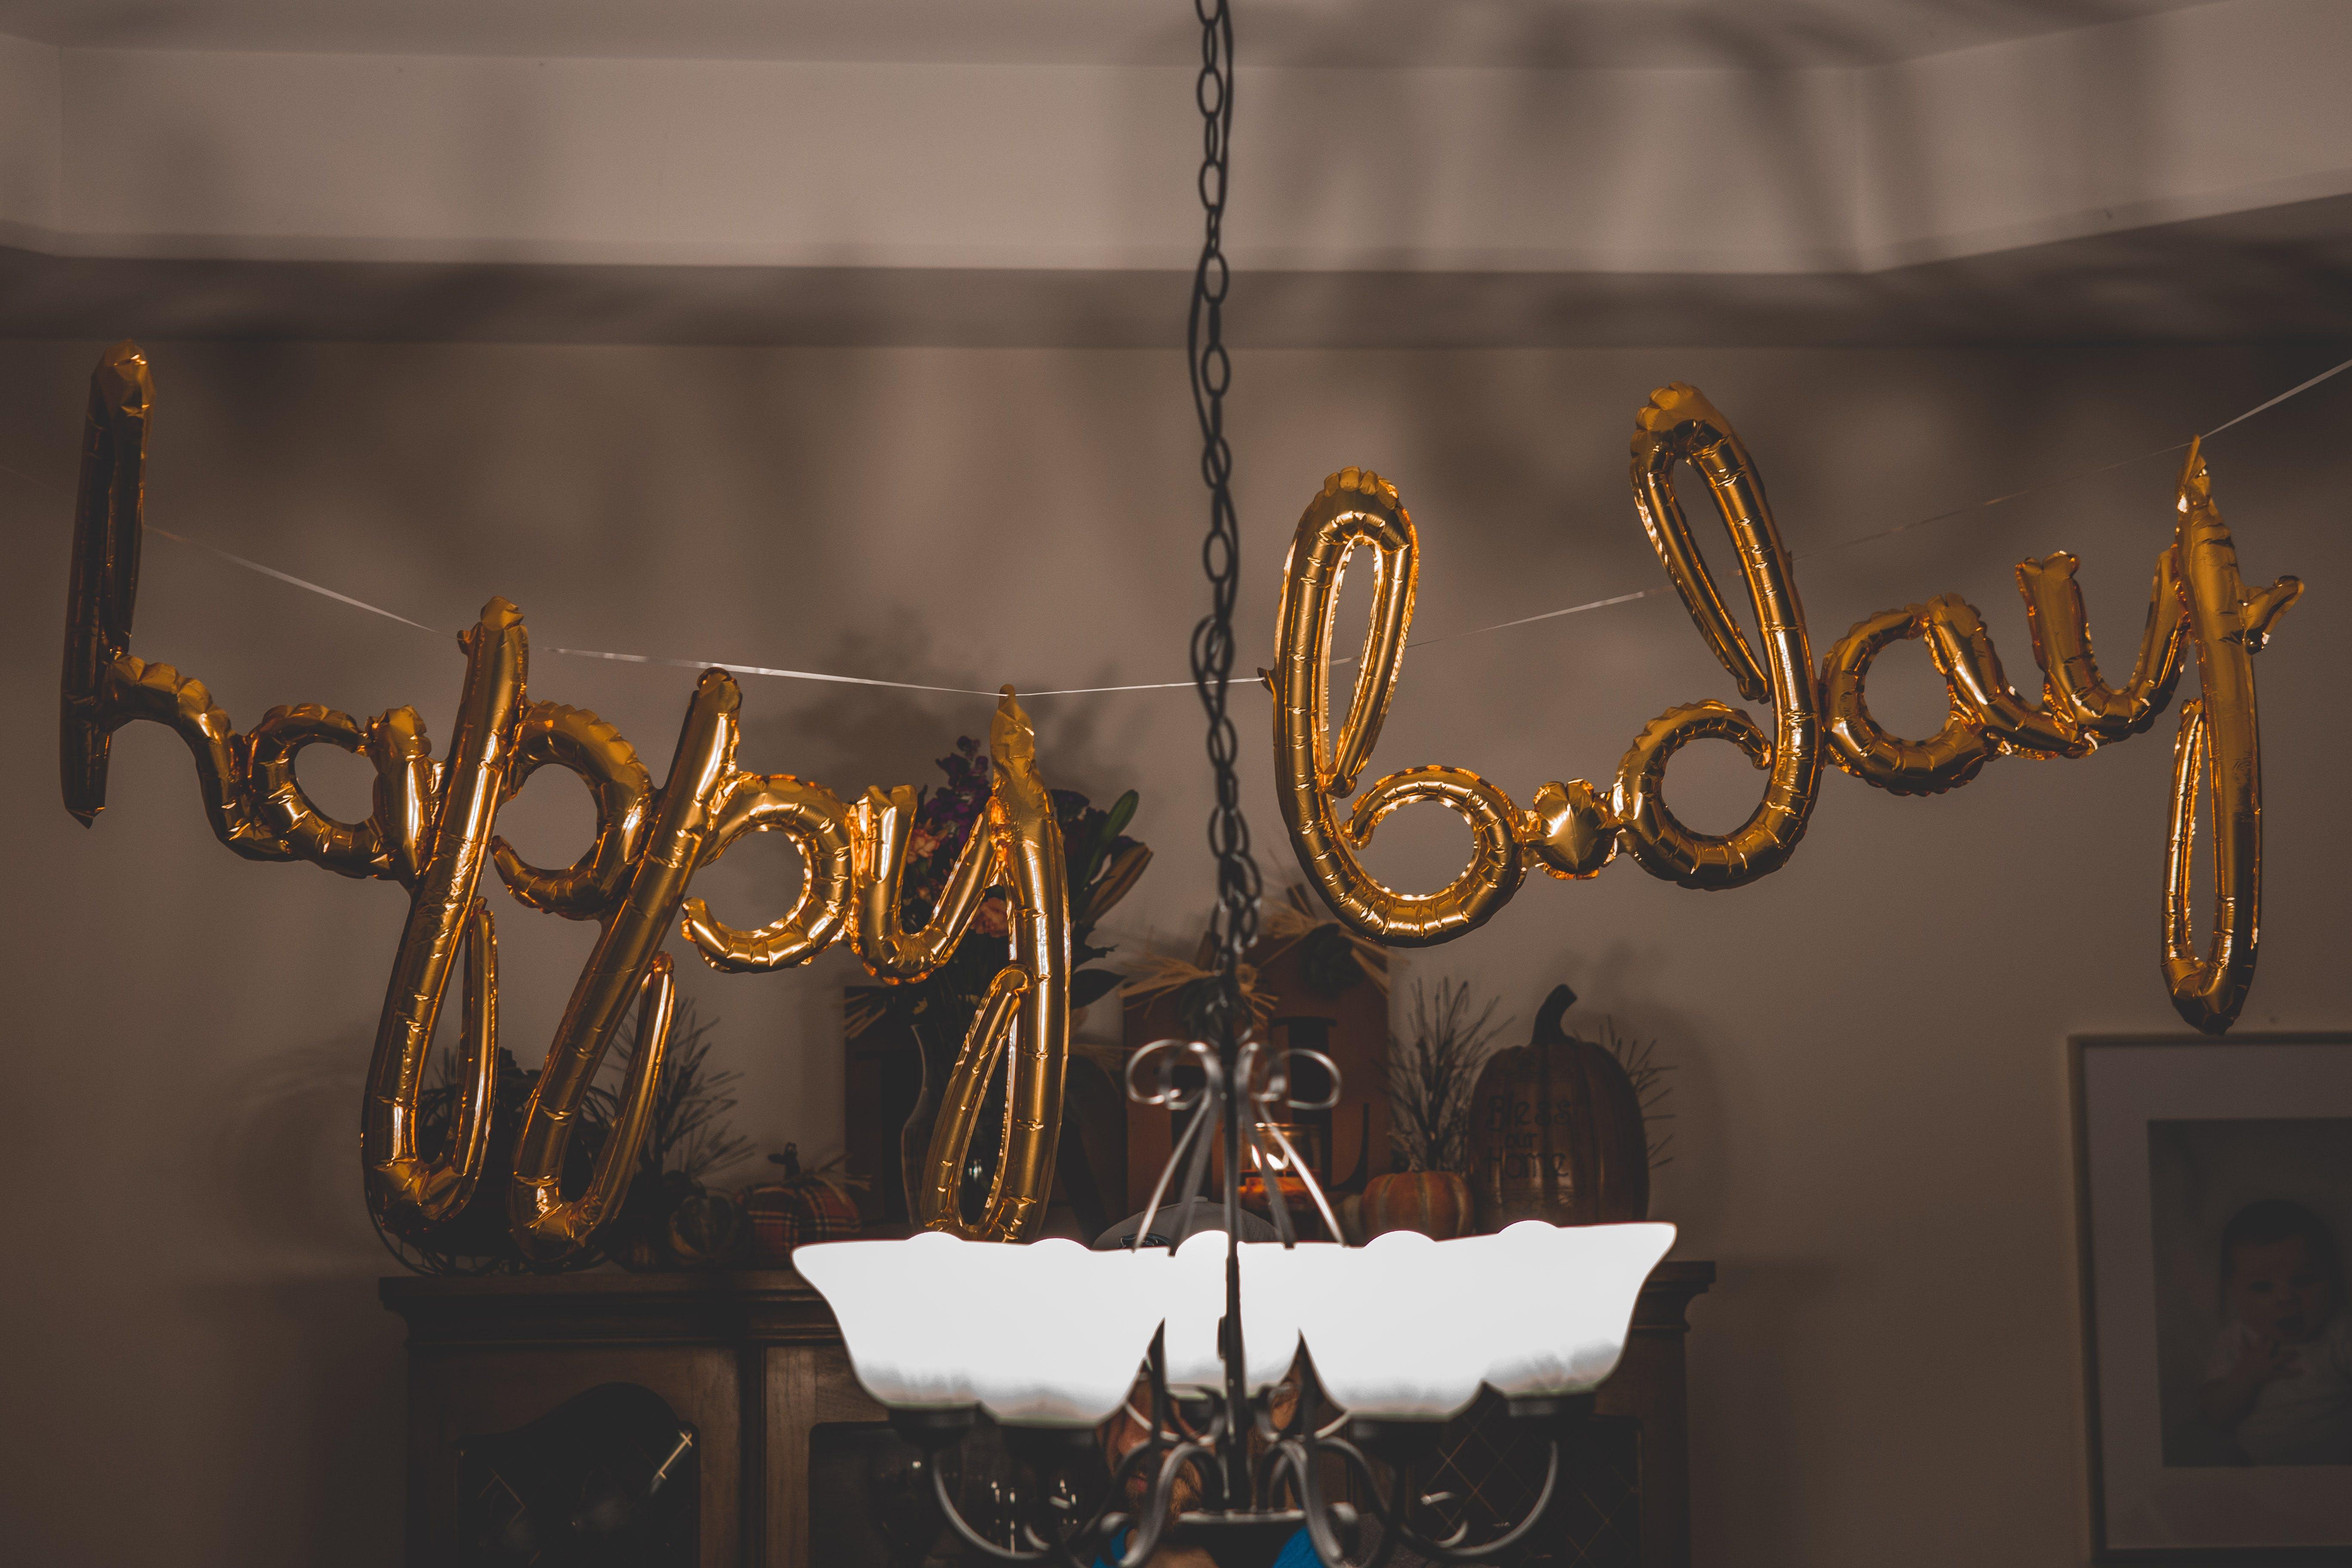 Happy B.day Balloon Wall Decors